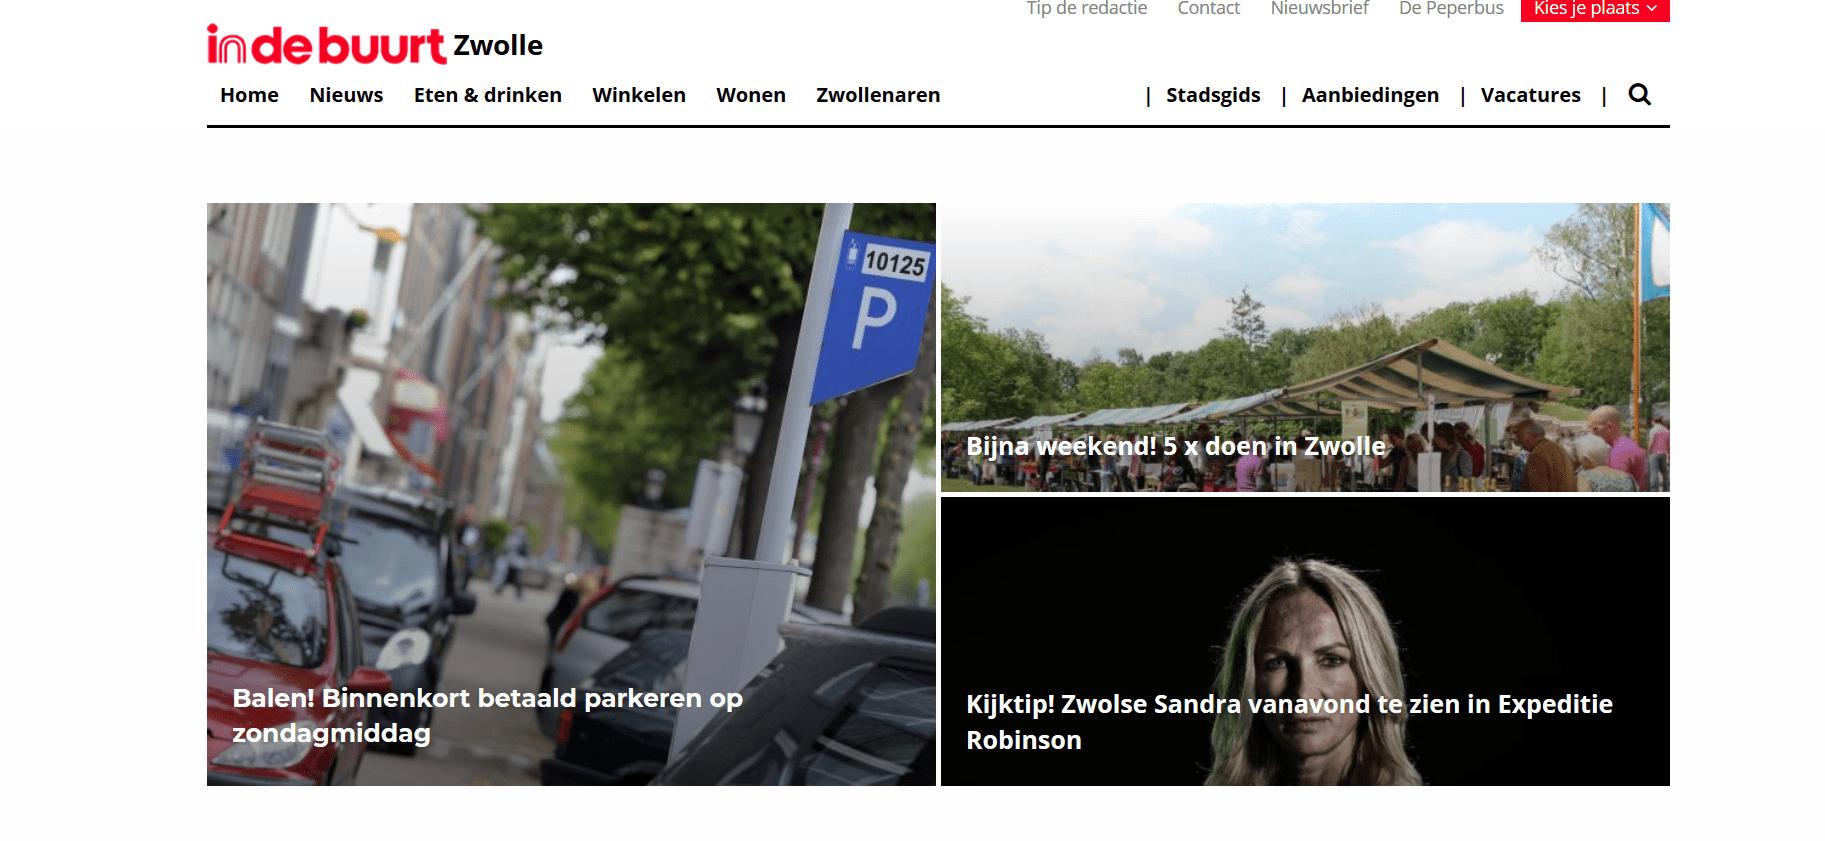 6 x artikelen die ik voor indebuurt Zwolle schreef